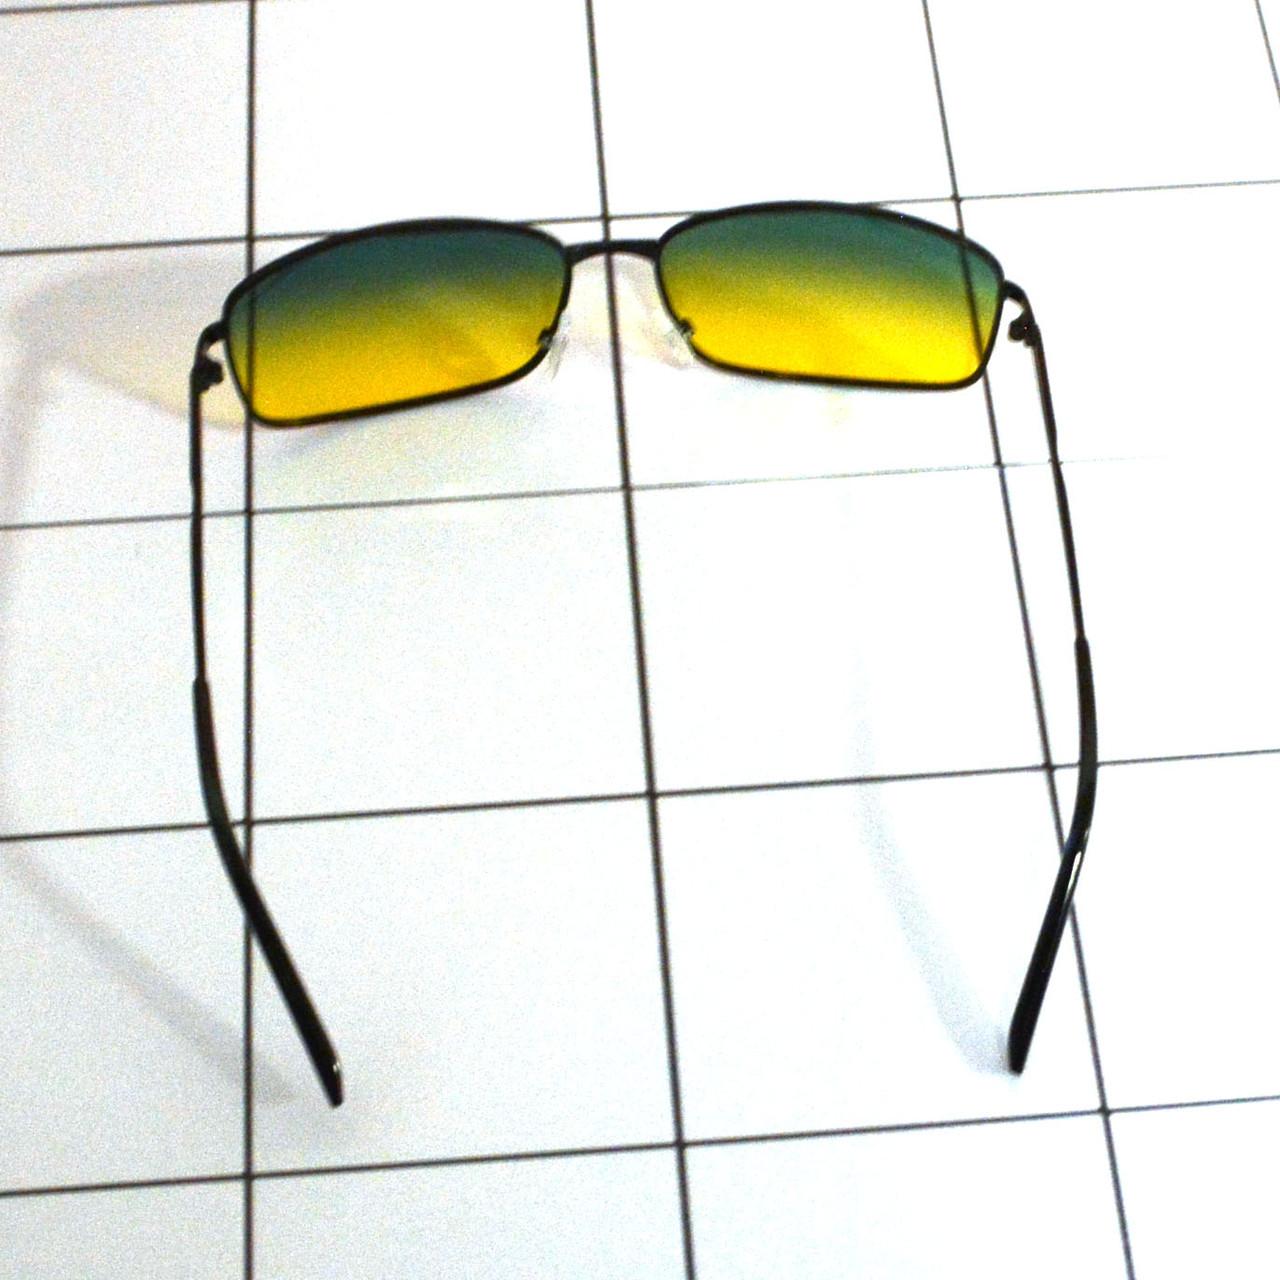 Солнцезащитные поляризационные очки ПОЛАРОИД UV400 тонкая оправа желто зеленые стекла АВТО PX16116 - фото 5